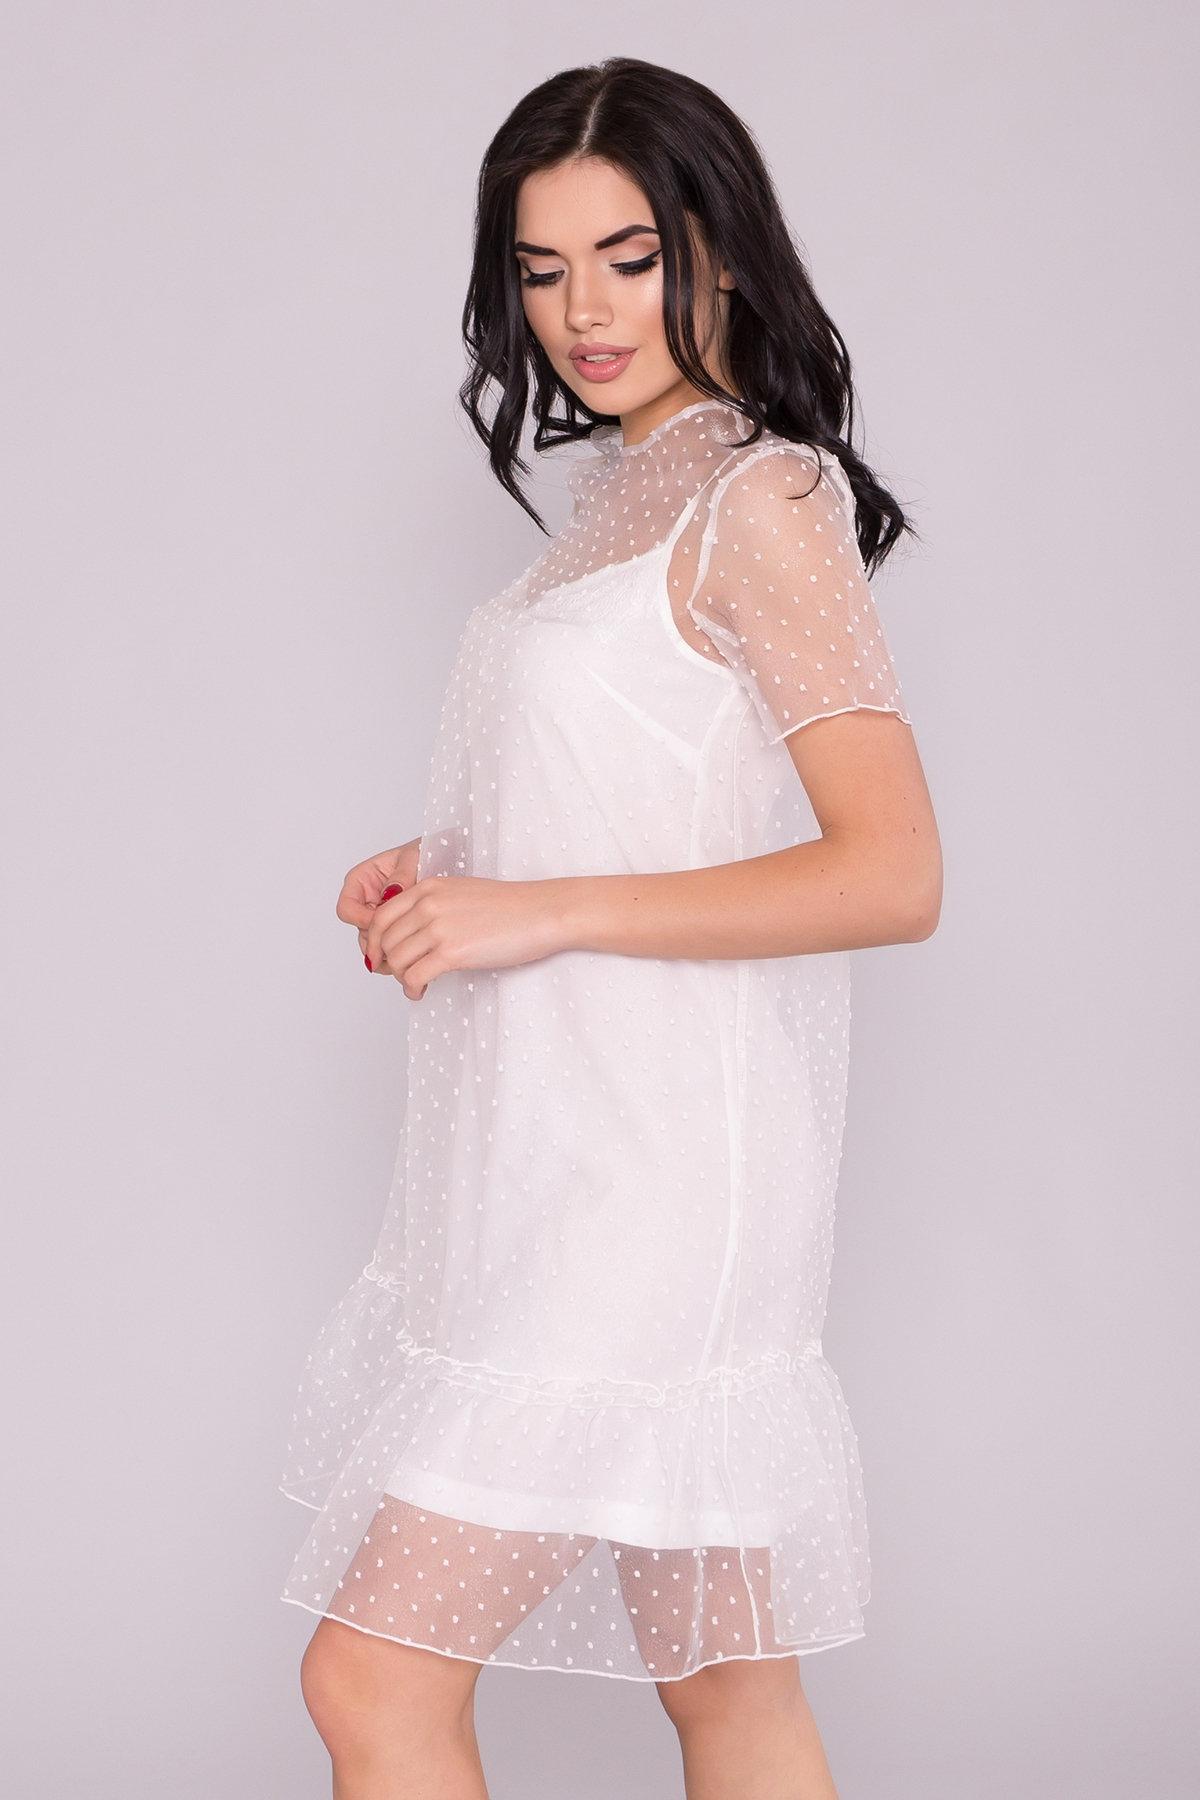 Платье Леонела 6960 АРТ. 42342 Цвет: Молоко 2 - фото 3, интернет магазин tm-modus.ru